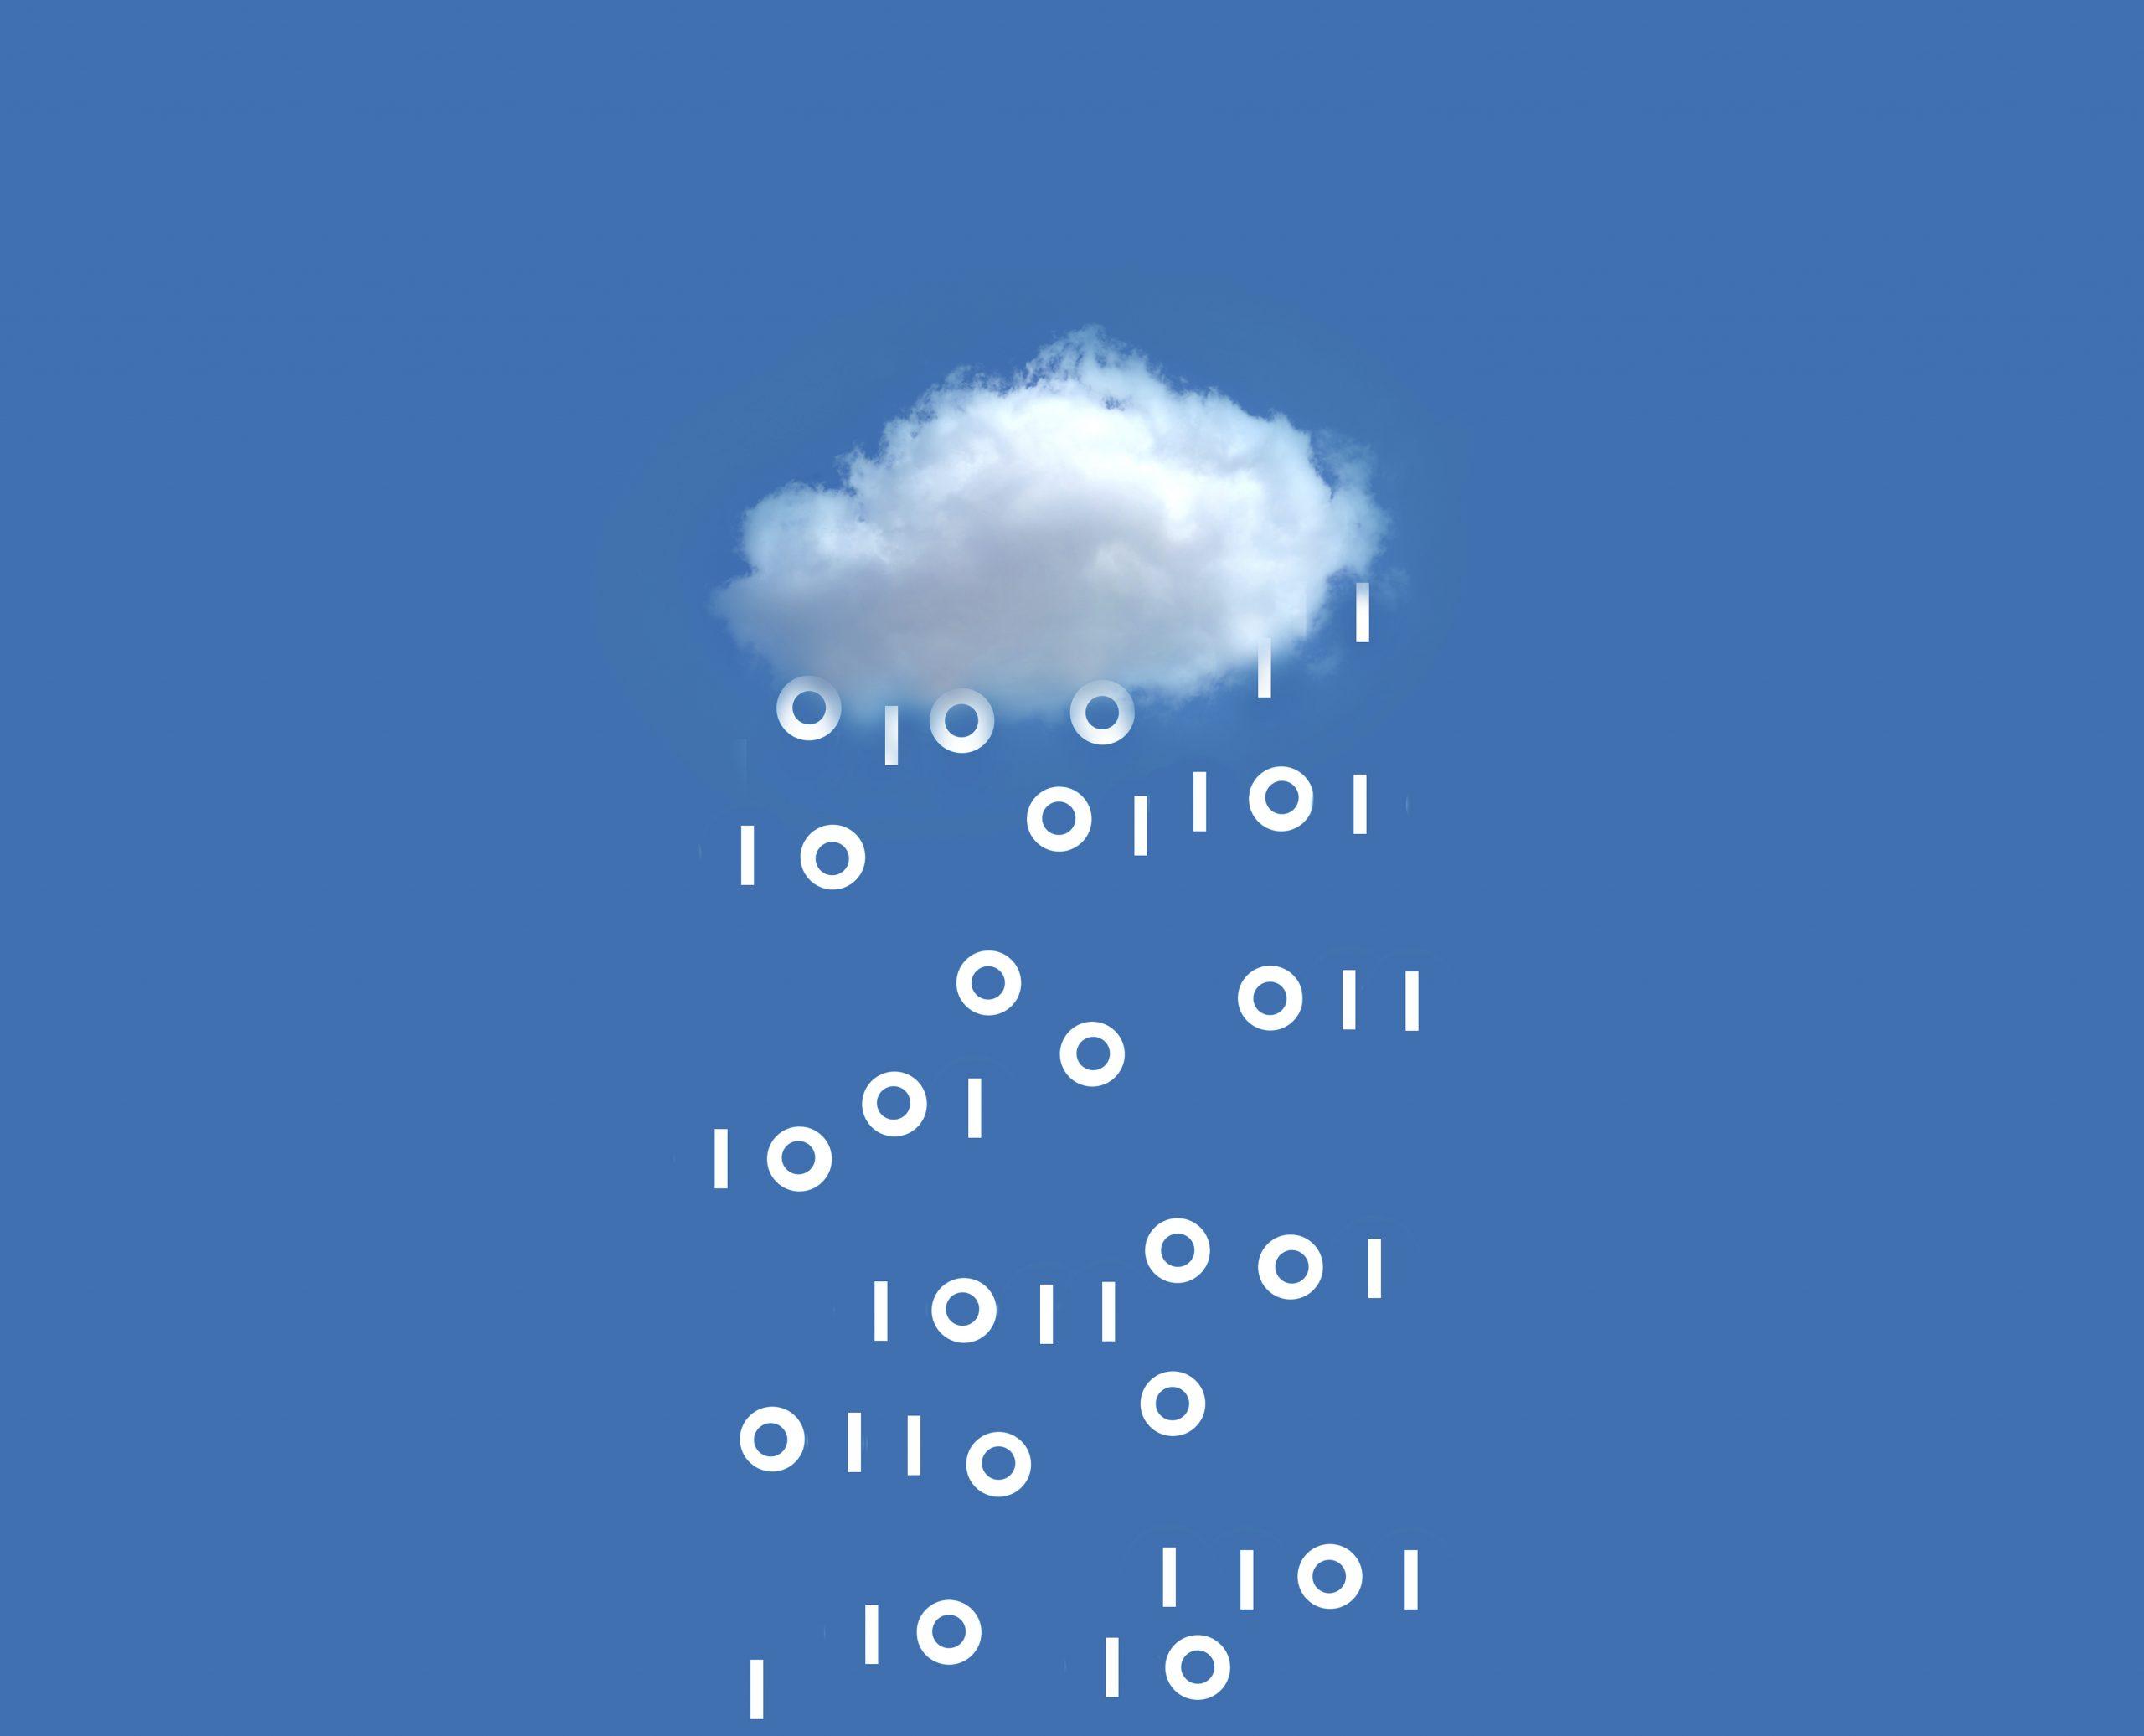 Wolke mit Daten Illustration für Hybrid Cloud